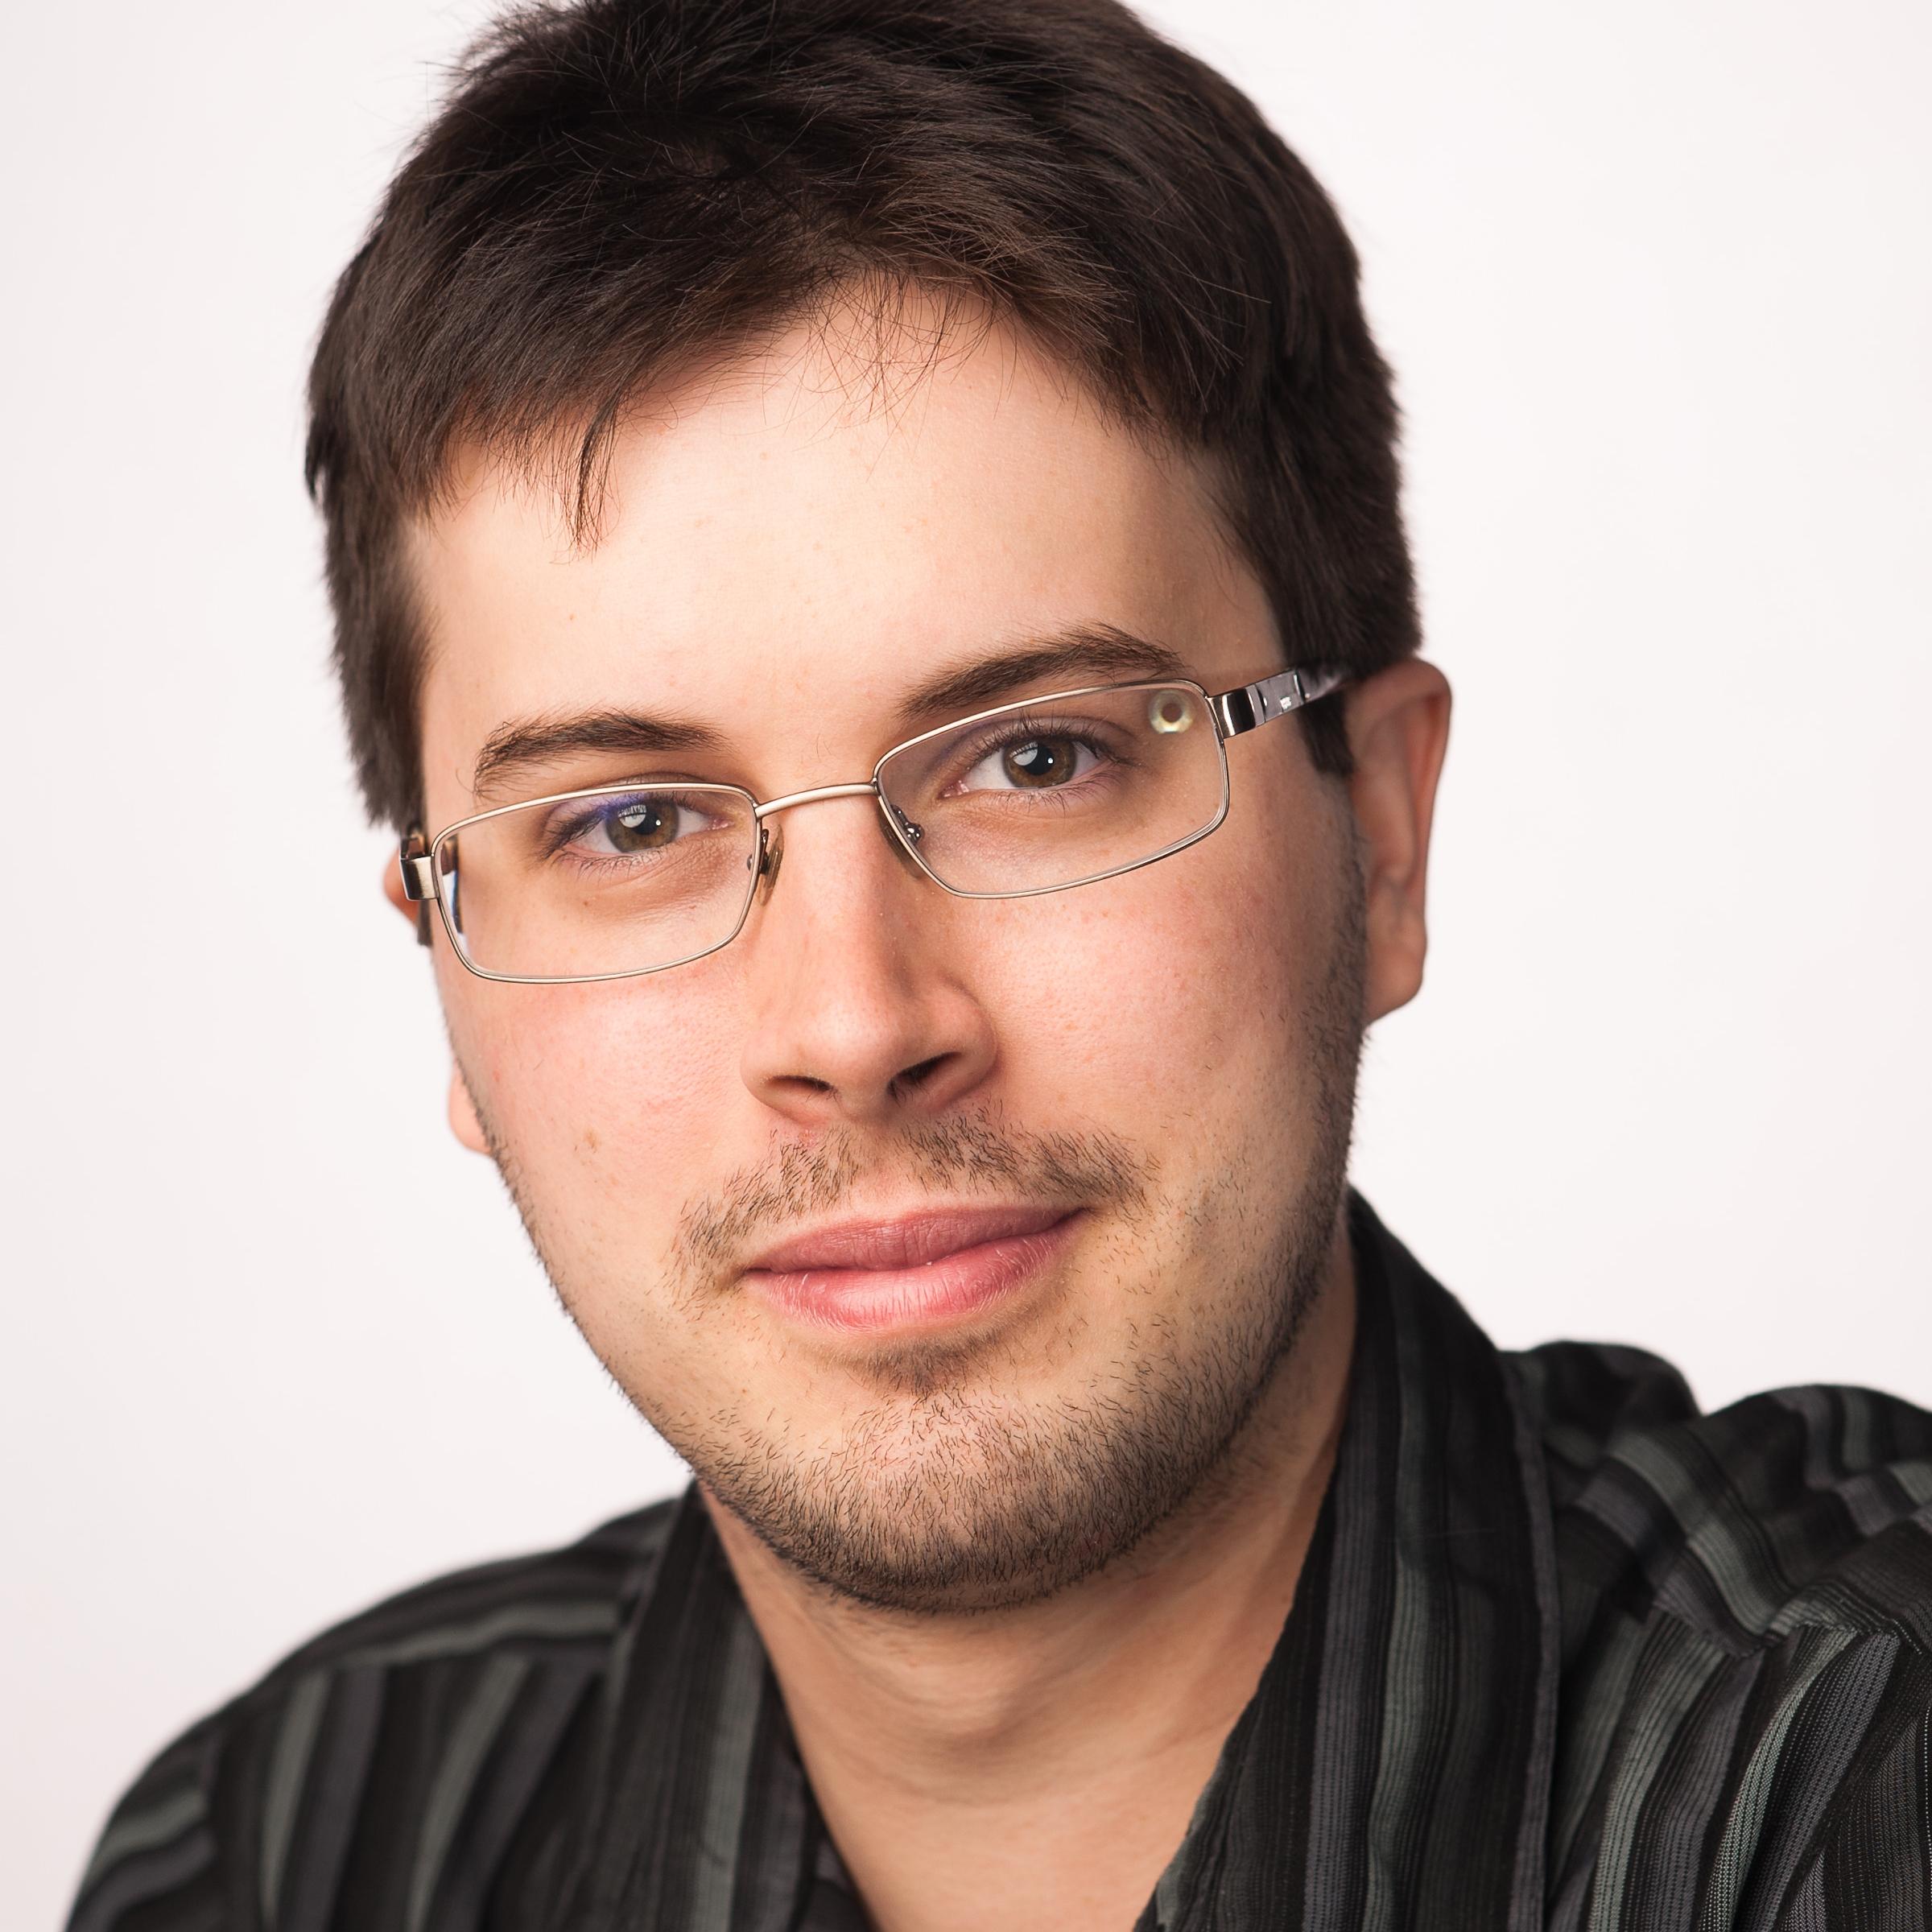 Dan Schulz